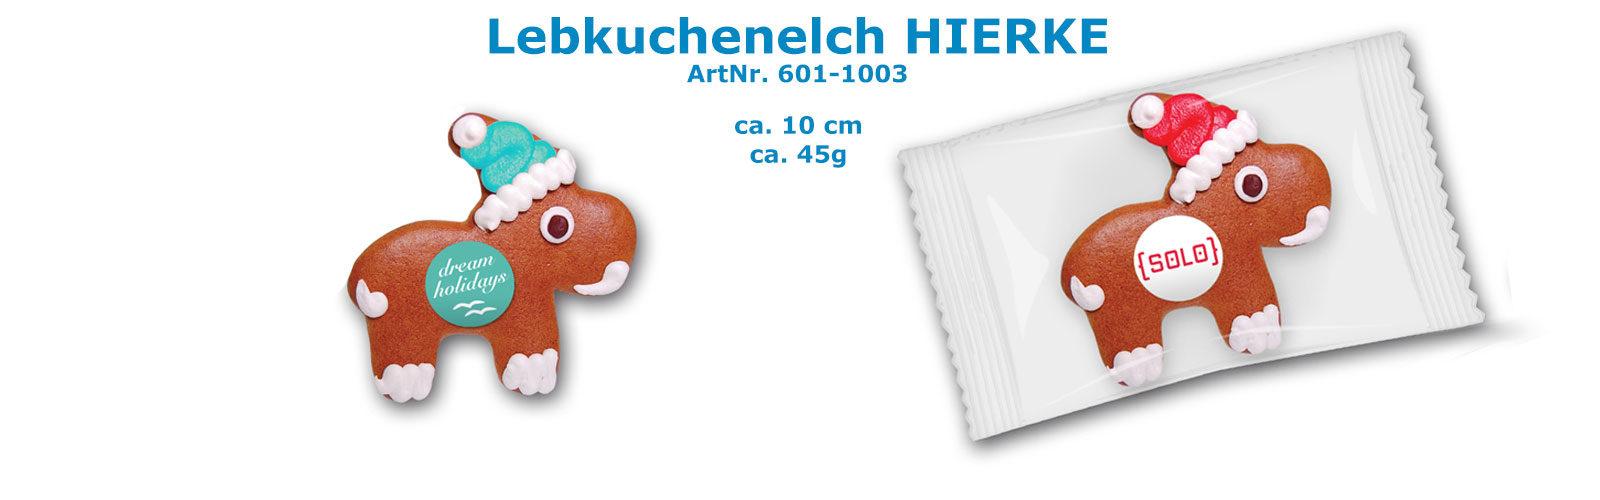 Lebkuchenelch HIERKE